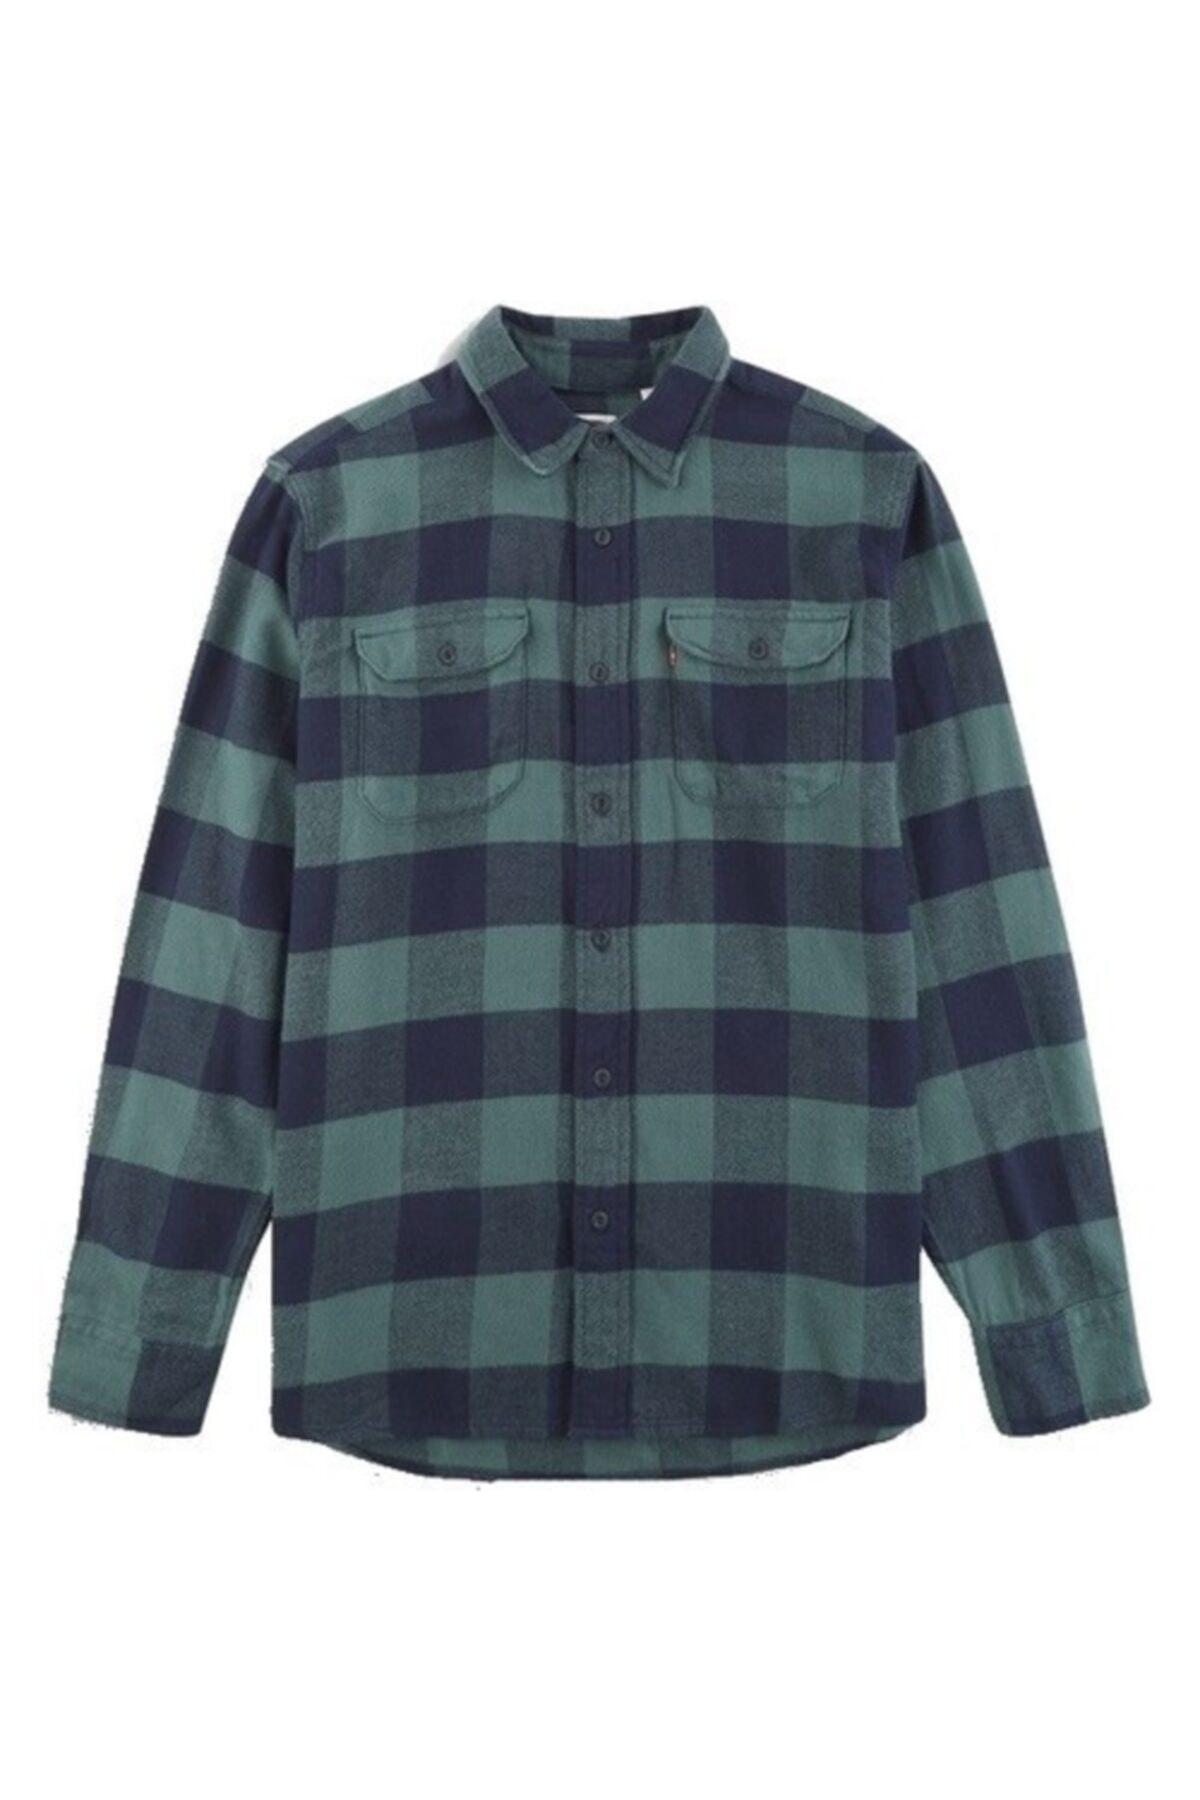 Levi's Erkek Yeşil Gömlek Classic Flap Pockets 19587-0133 1